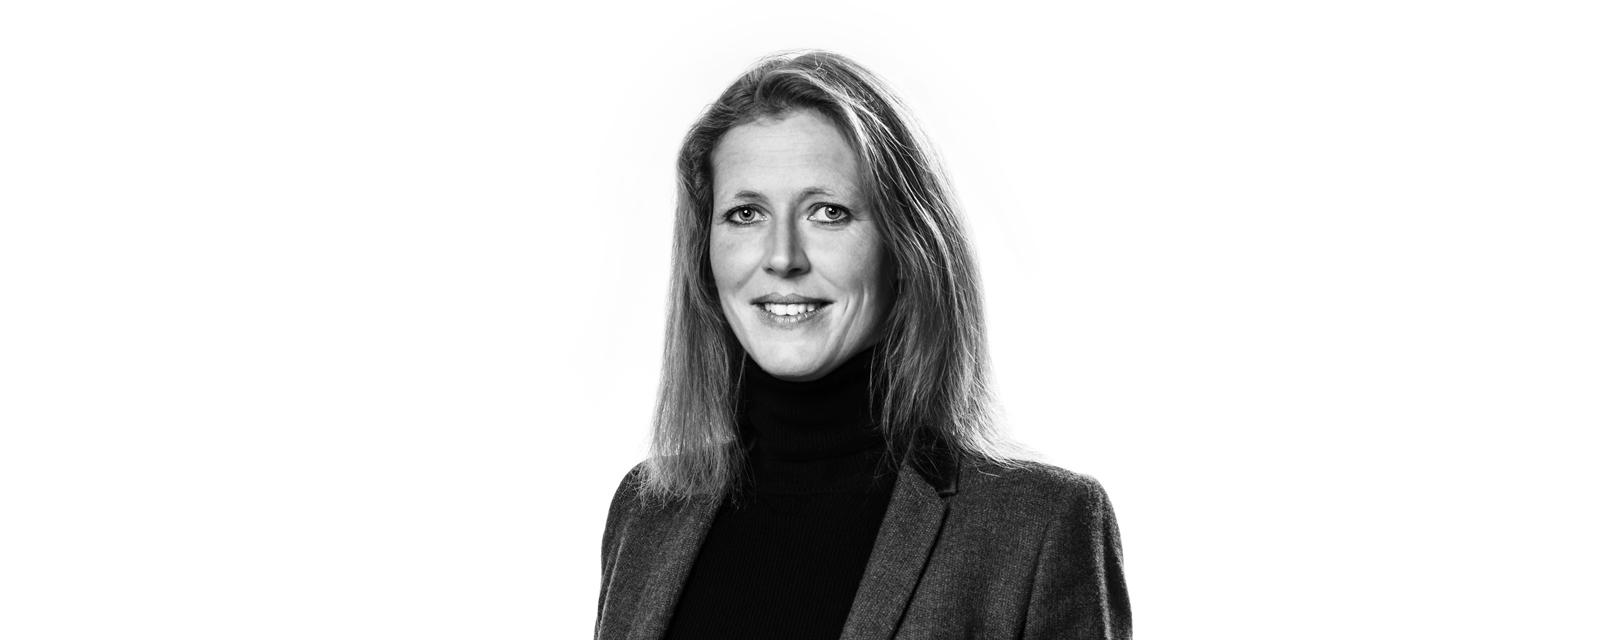 Rechtsanwältin, Unternehmerin und Datenschutzbeauftrage Anne Köhler